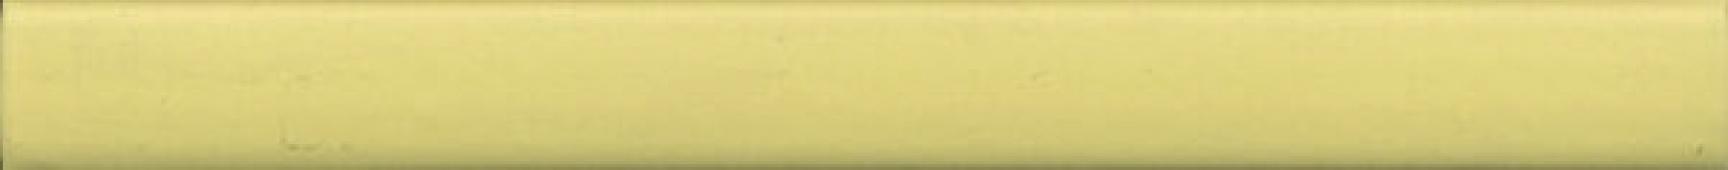 PFE019 Карандаш Брера желтый 20*2 бордюр